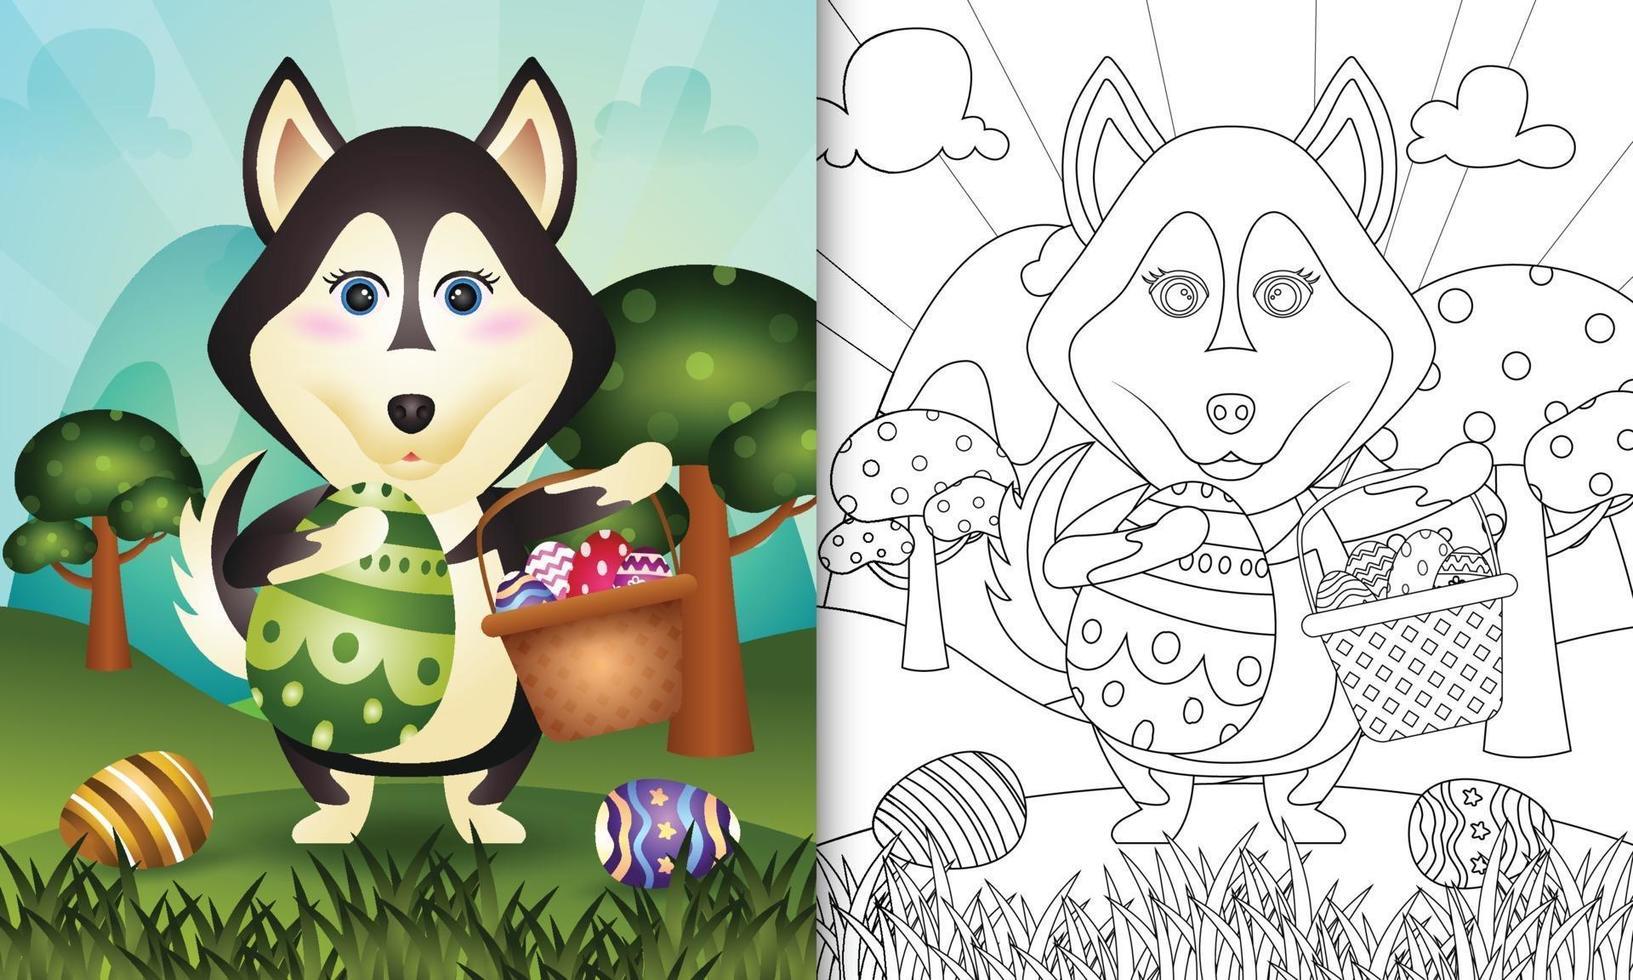 livro de colorir para crianças com tema feliz dia de páscoa com ilustração de personagem de um cão husky fofo segurando o ovo de balde e o ovo de páscoa vetor